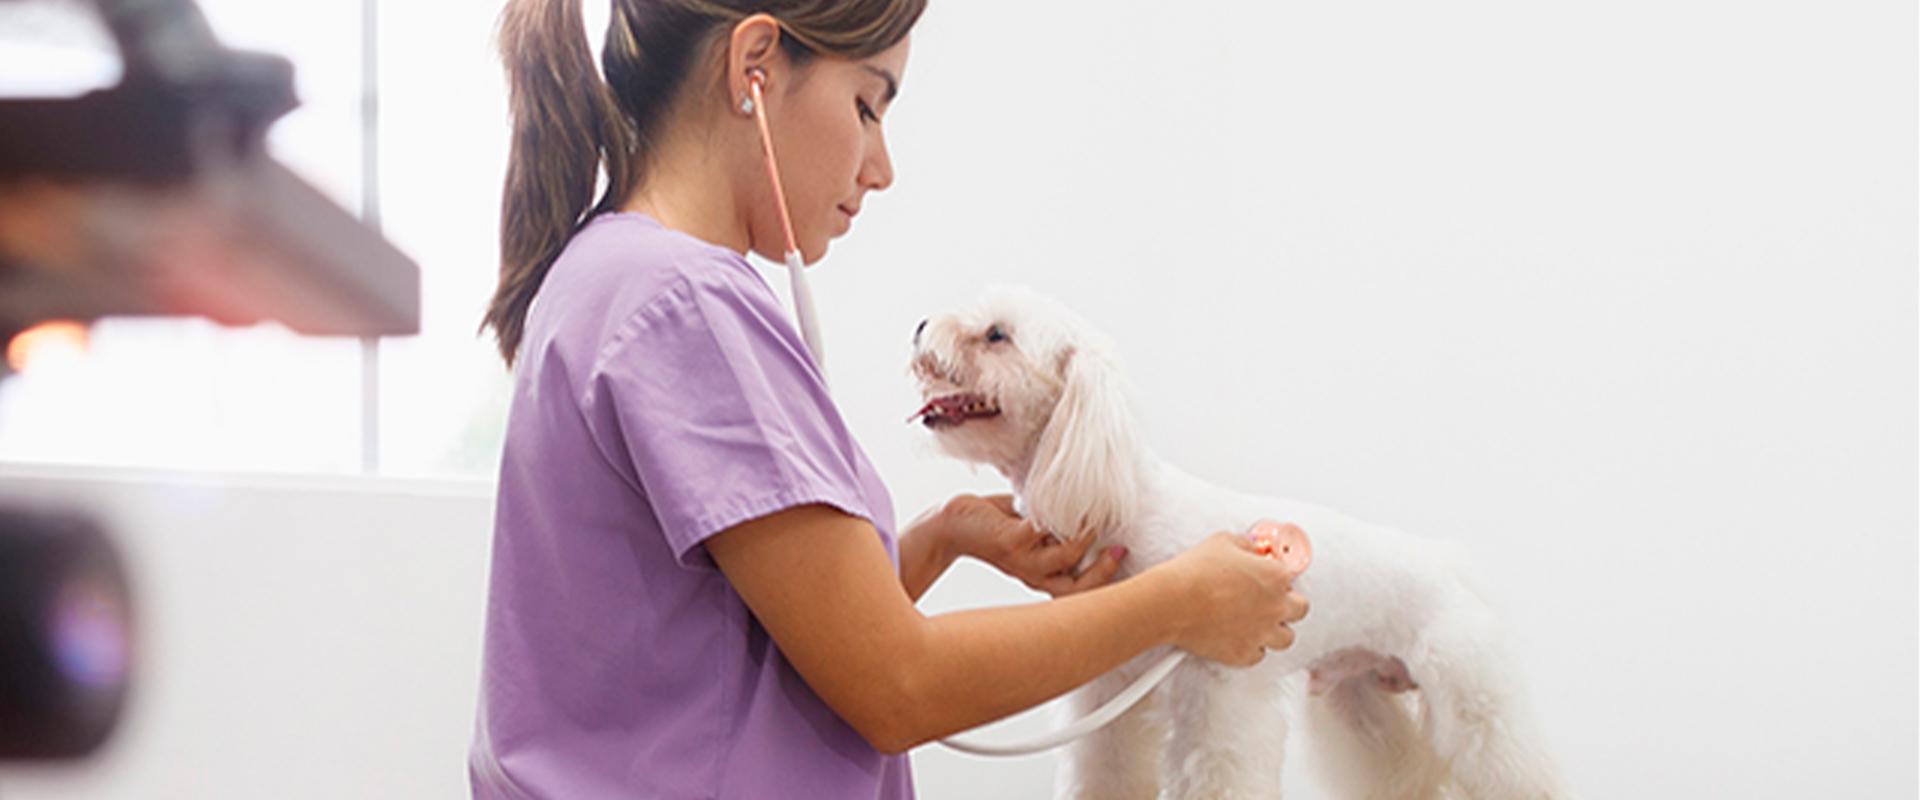 Medicina, veterinaria y zootecnia